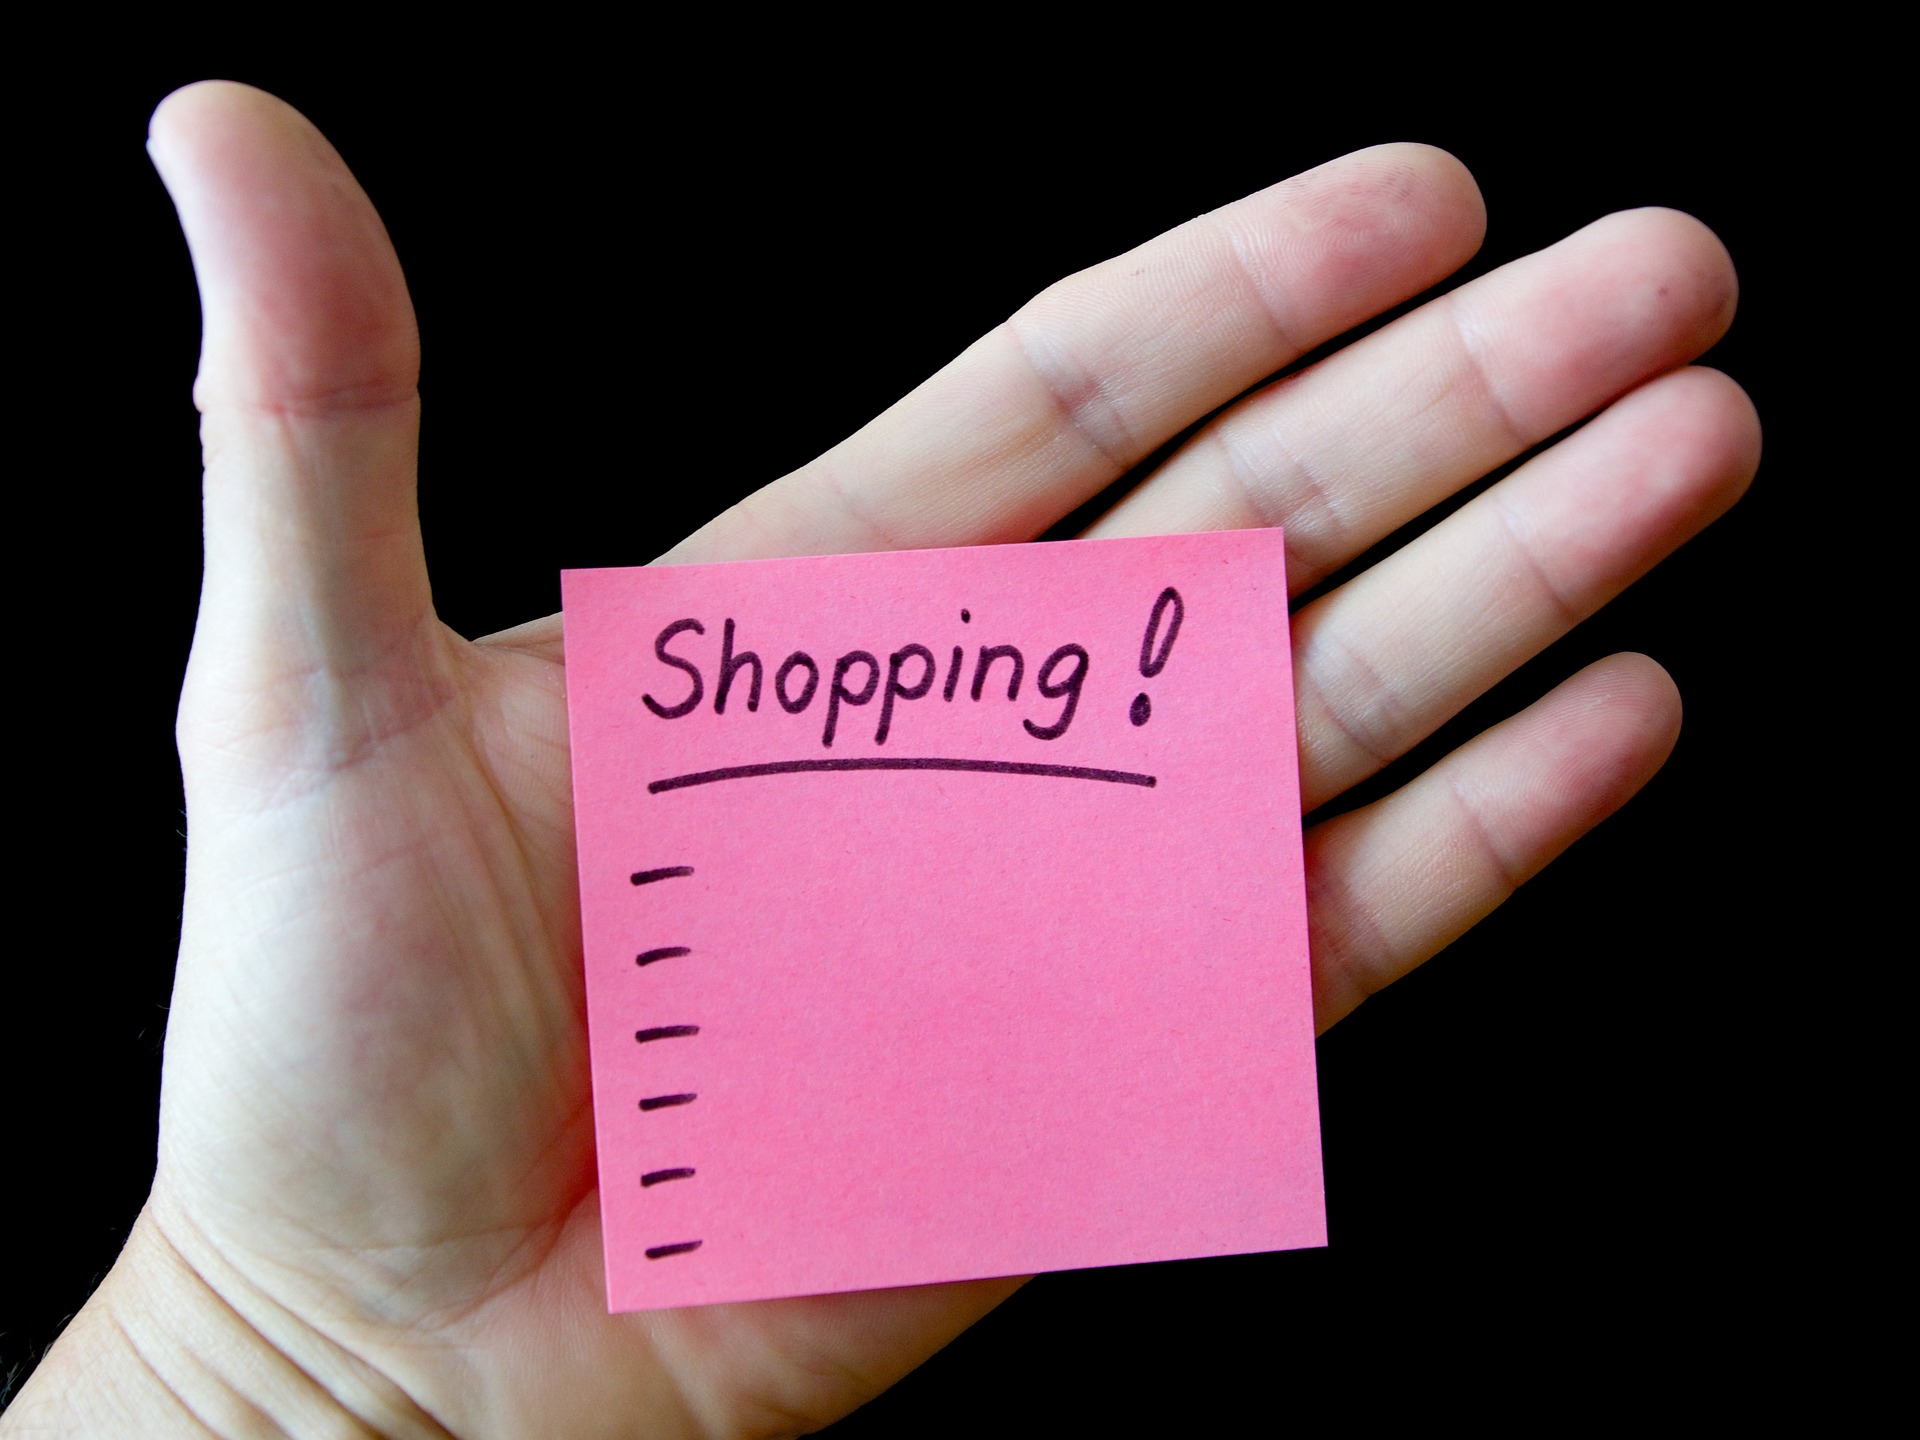 jak ušetřit při nakupování